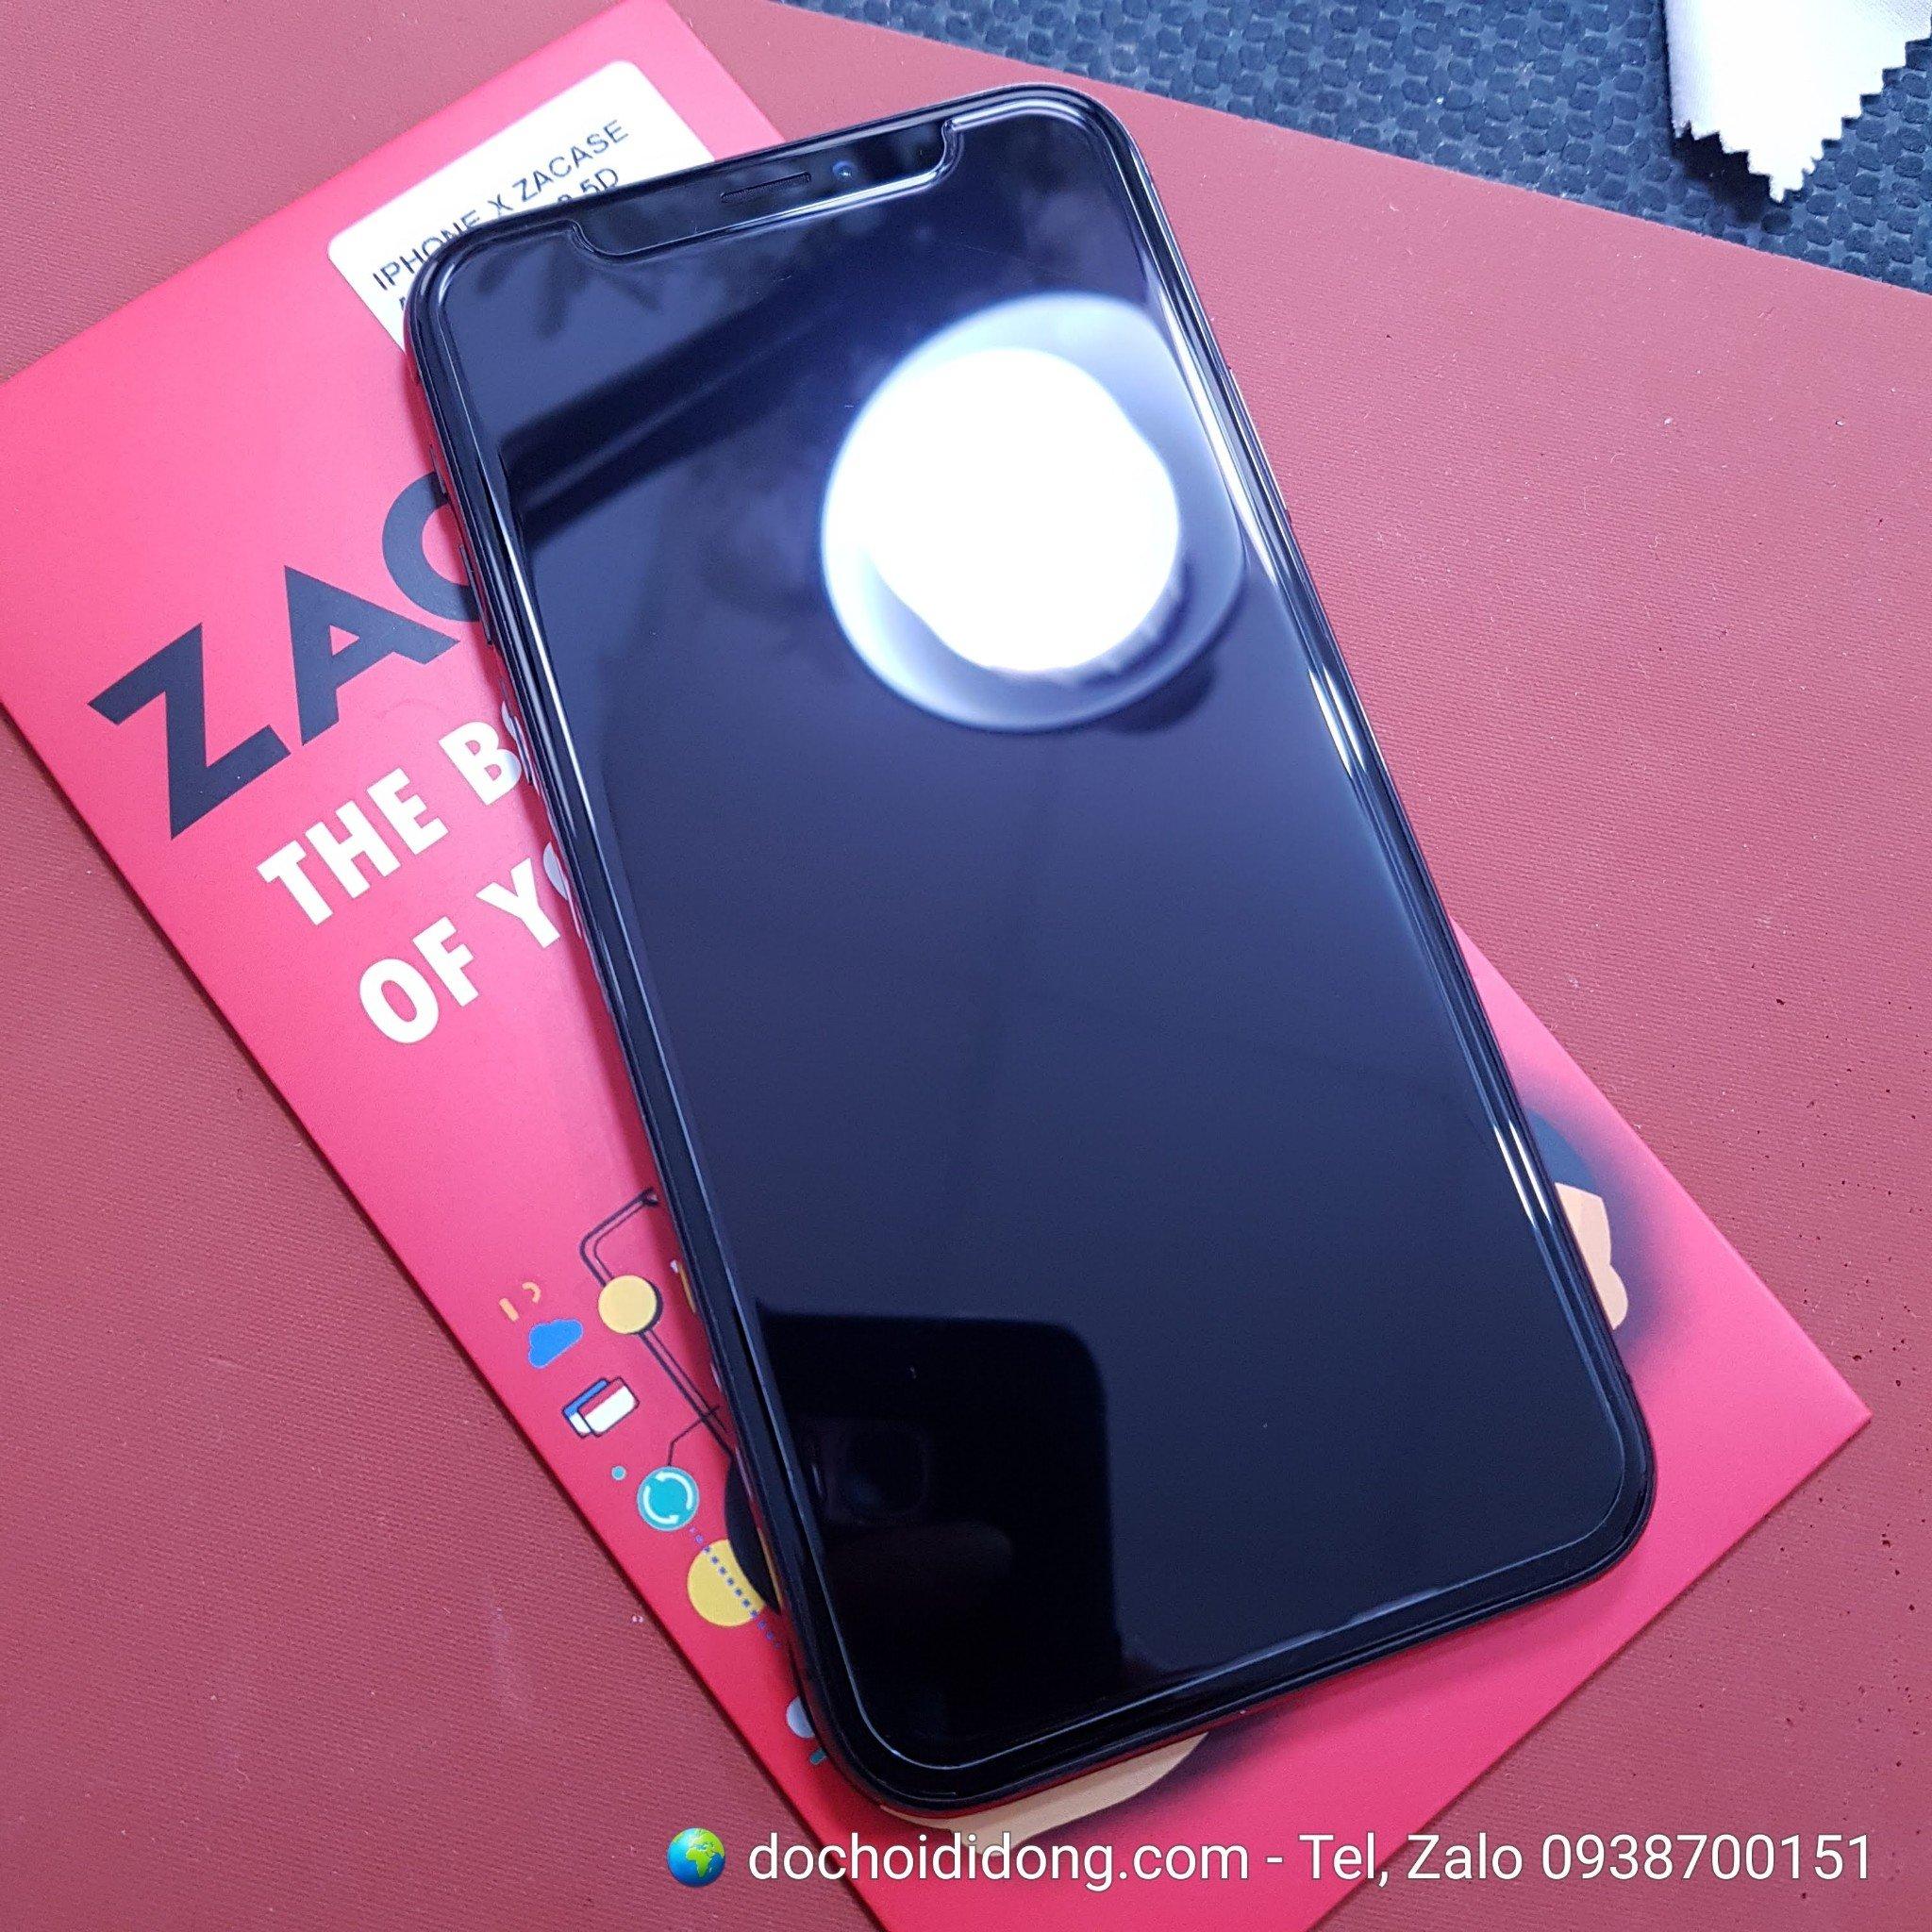 dan-cuong-luc-iphone-x-xs-zacase-all-clear-true-2-5d